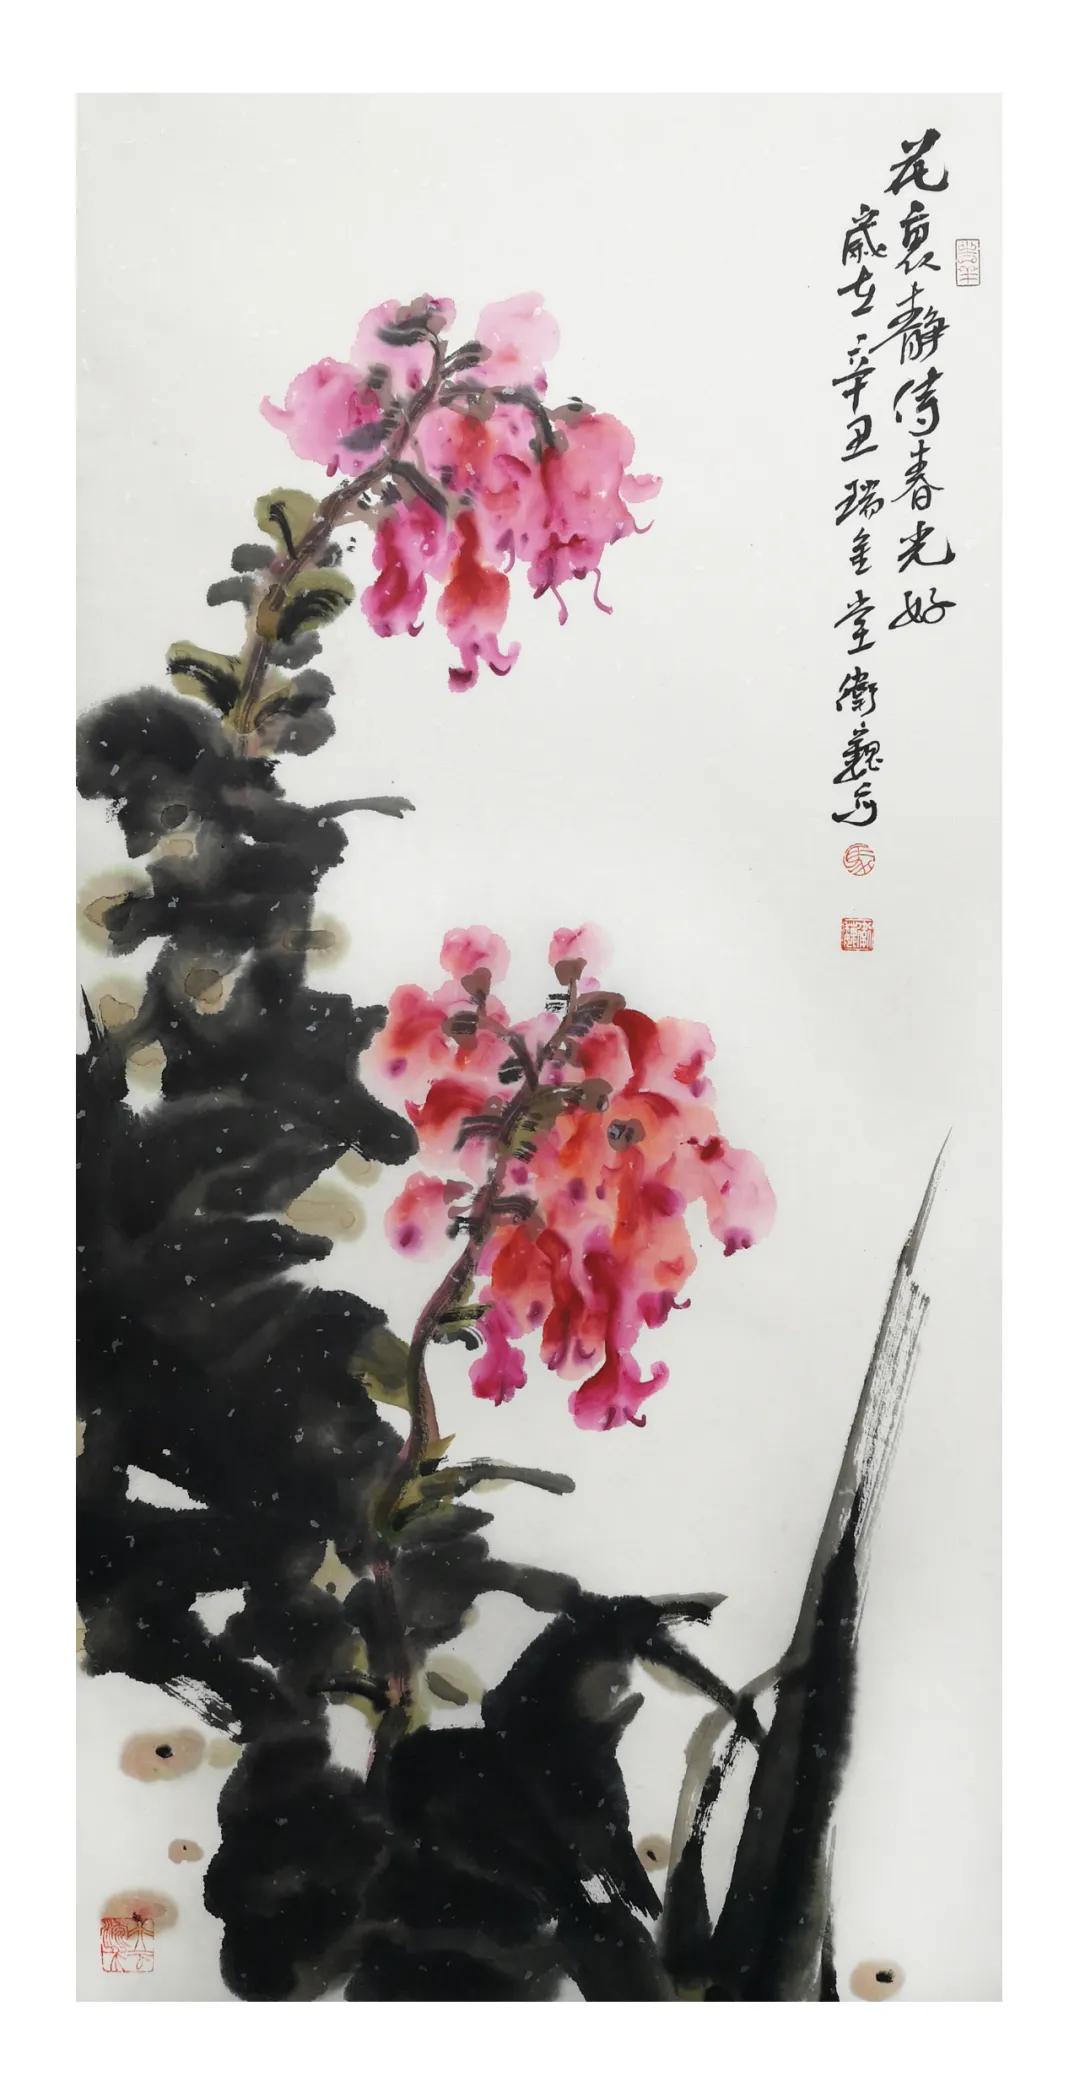 【墨田心迹】马卫巍 韩强 中国画双人展